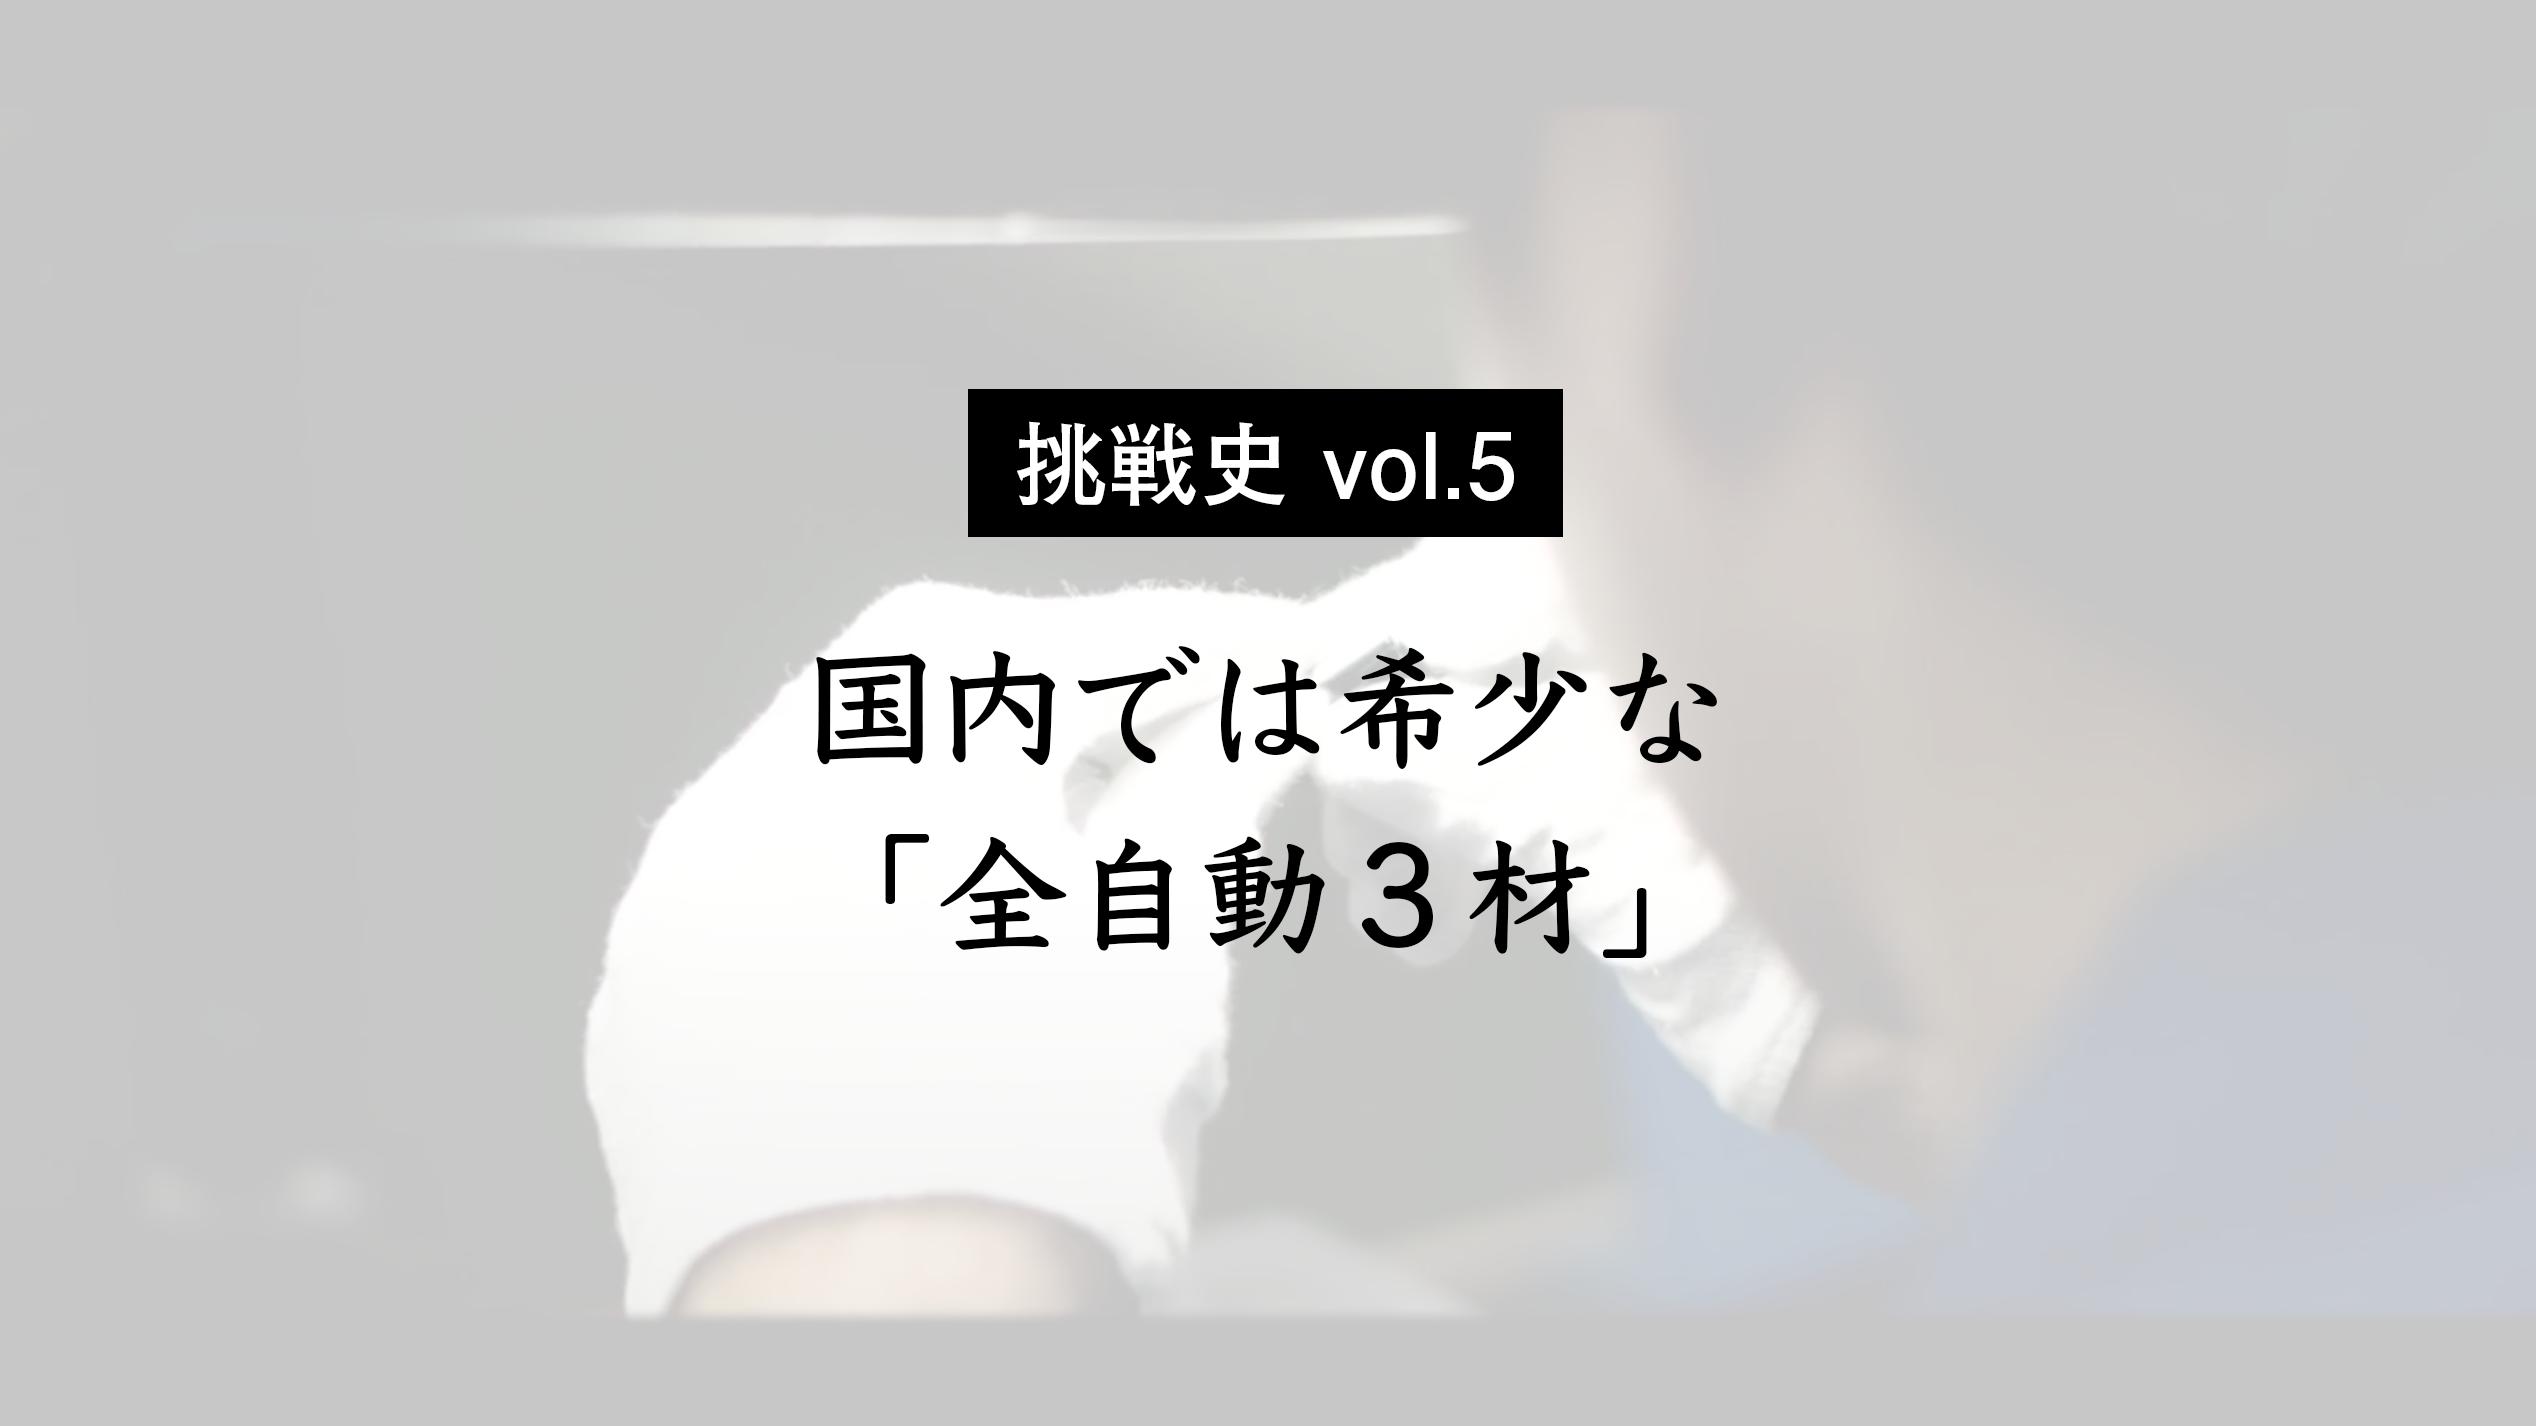 【挑戦史 vol.5】3色成形品の開発